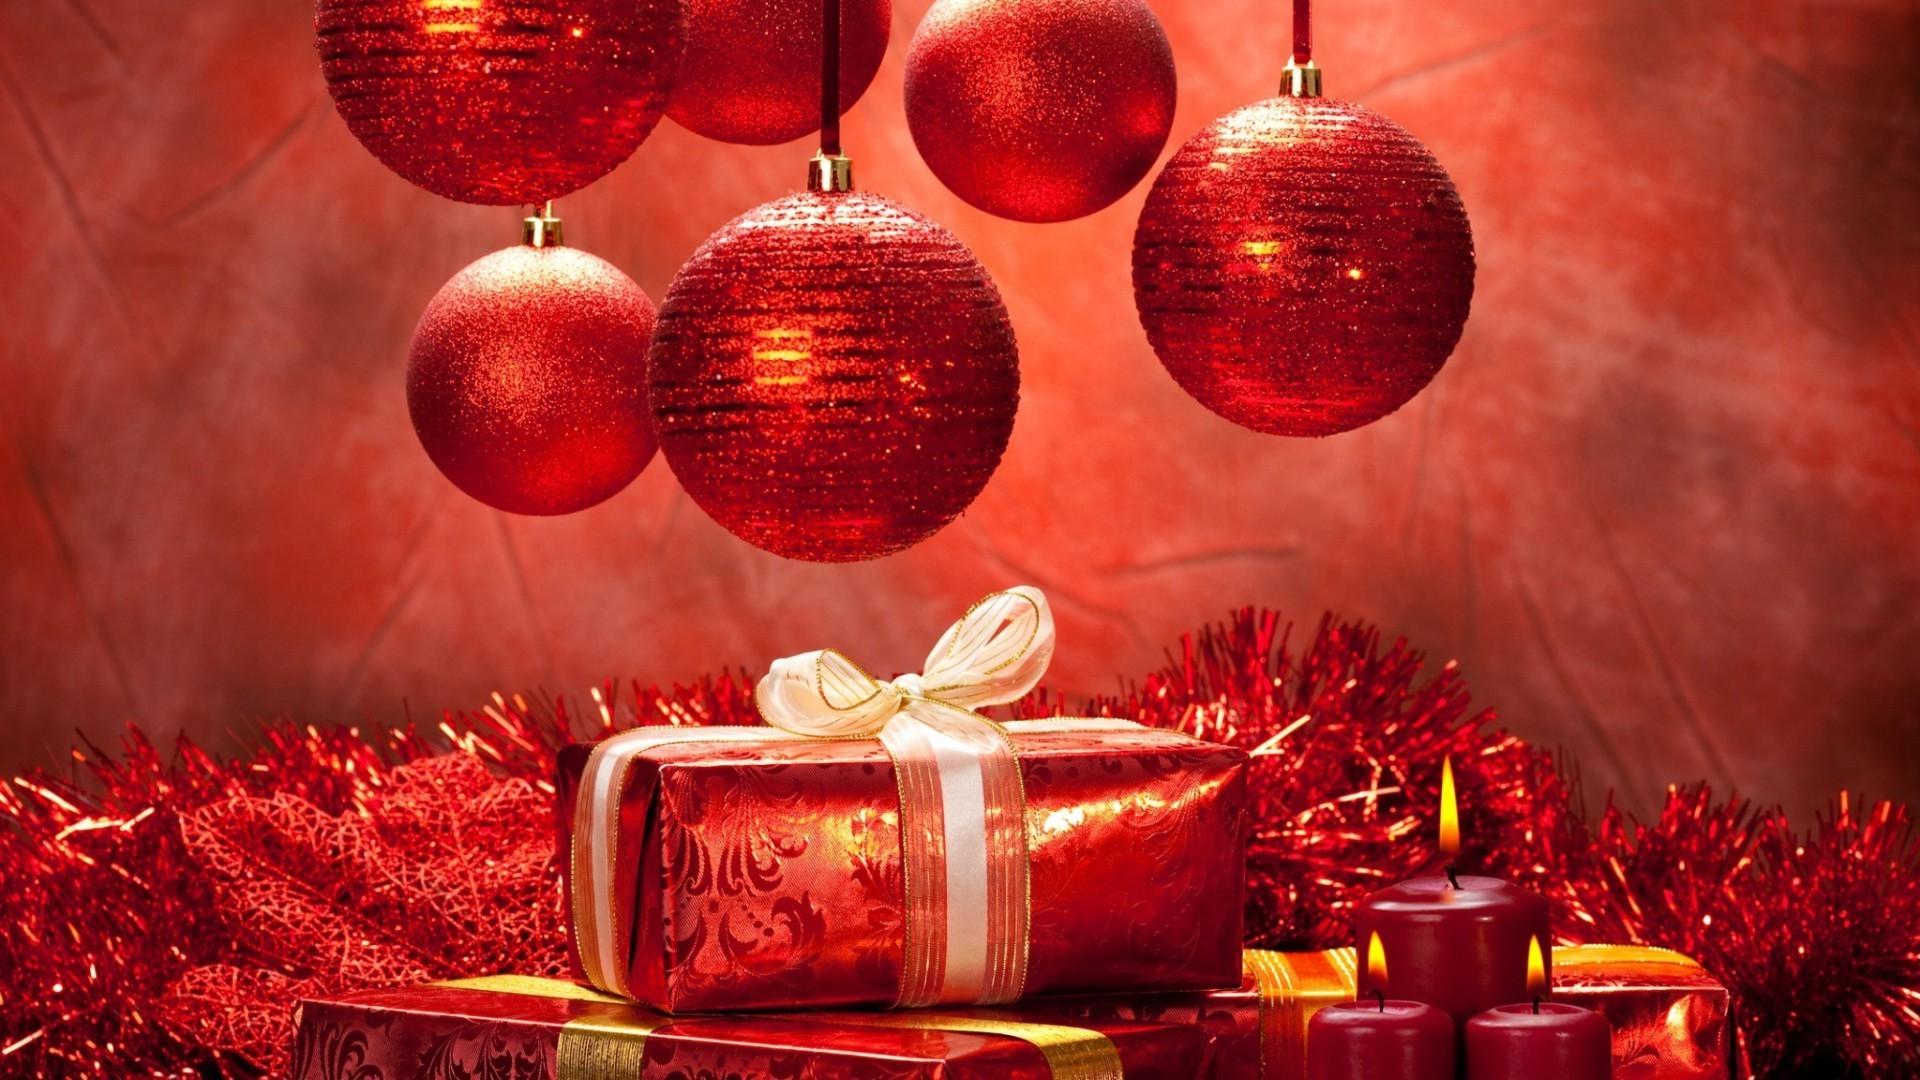 фото обои новогодние для рабочего стола № 5751 бесплатно